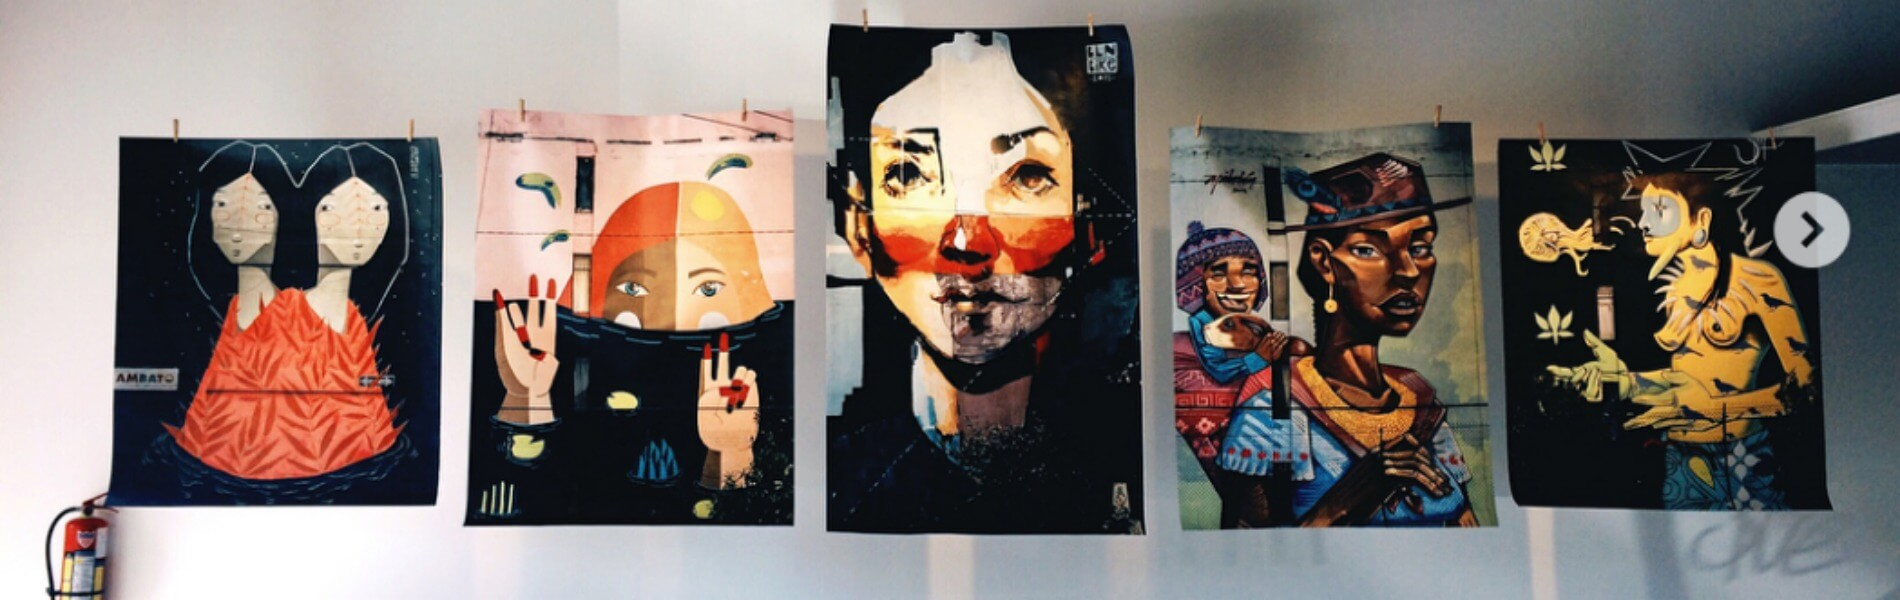 Primera exposición fotográfica sobre el arte urbano de Ecuador?